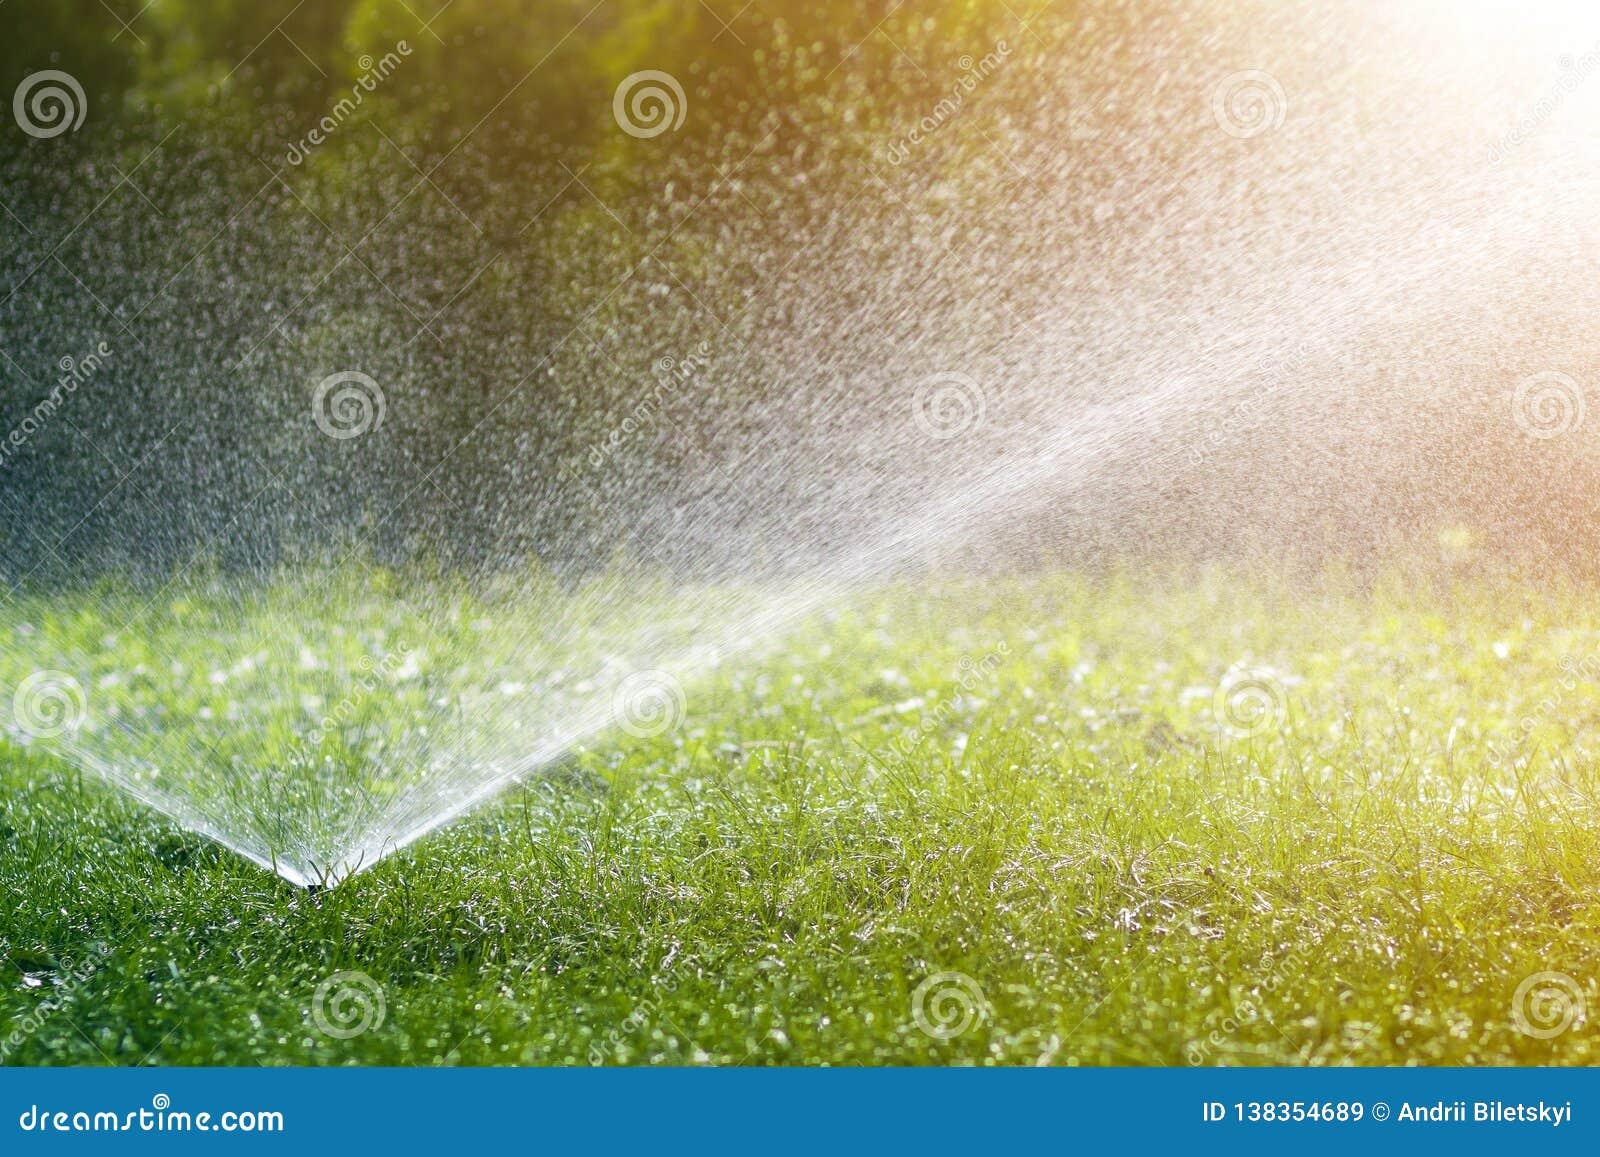 Agua de rociadura de la regadera del agua del césped sobre hierba fresca del verde del césped en jardín o patio trasero en día de